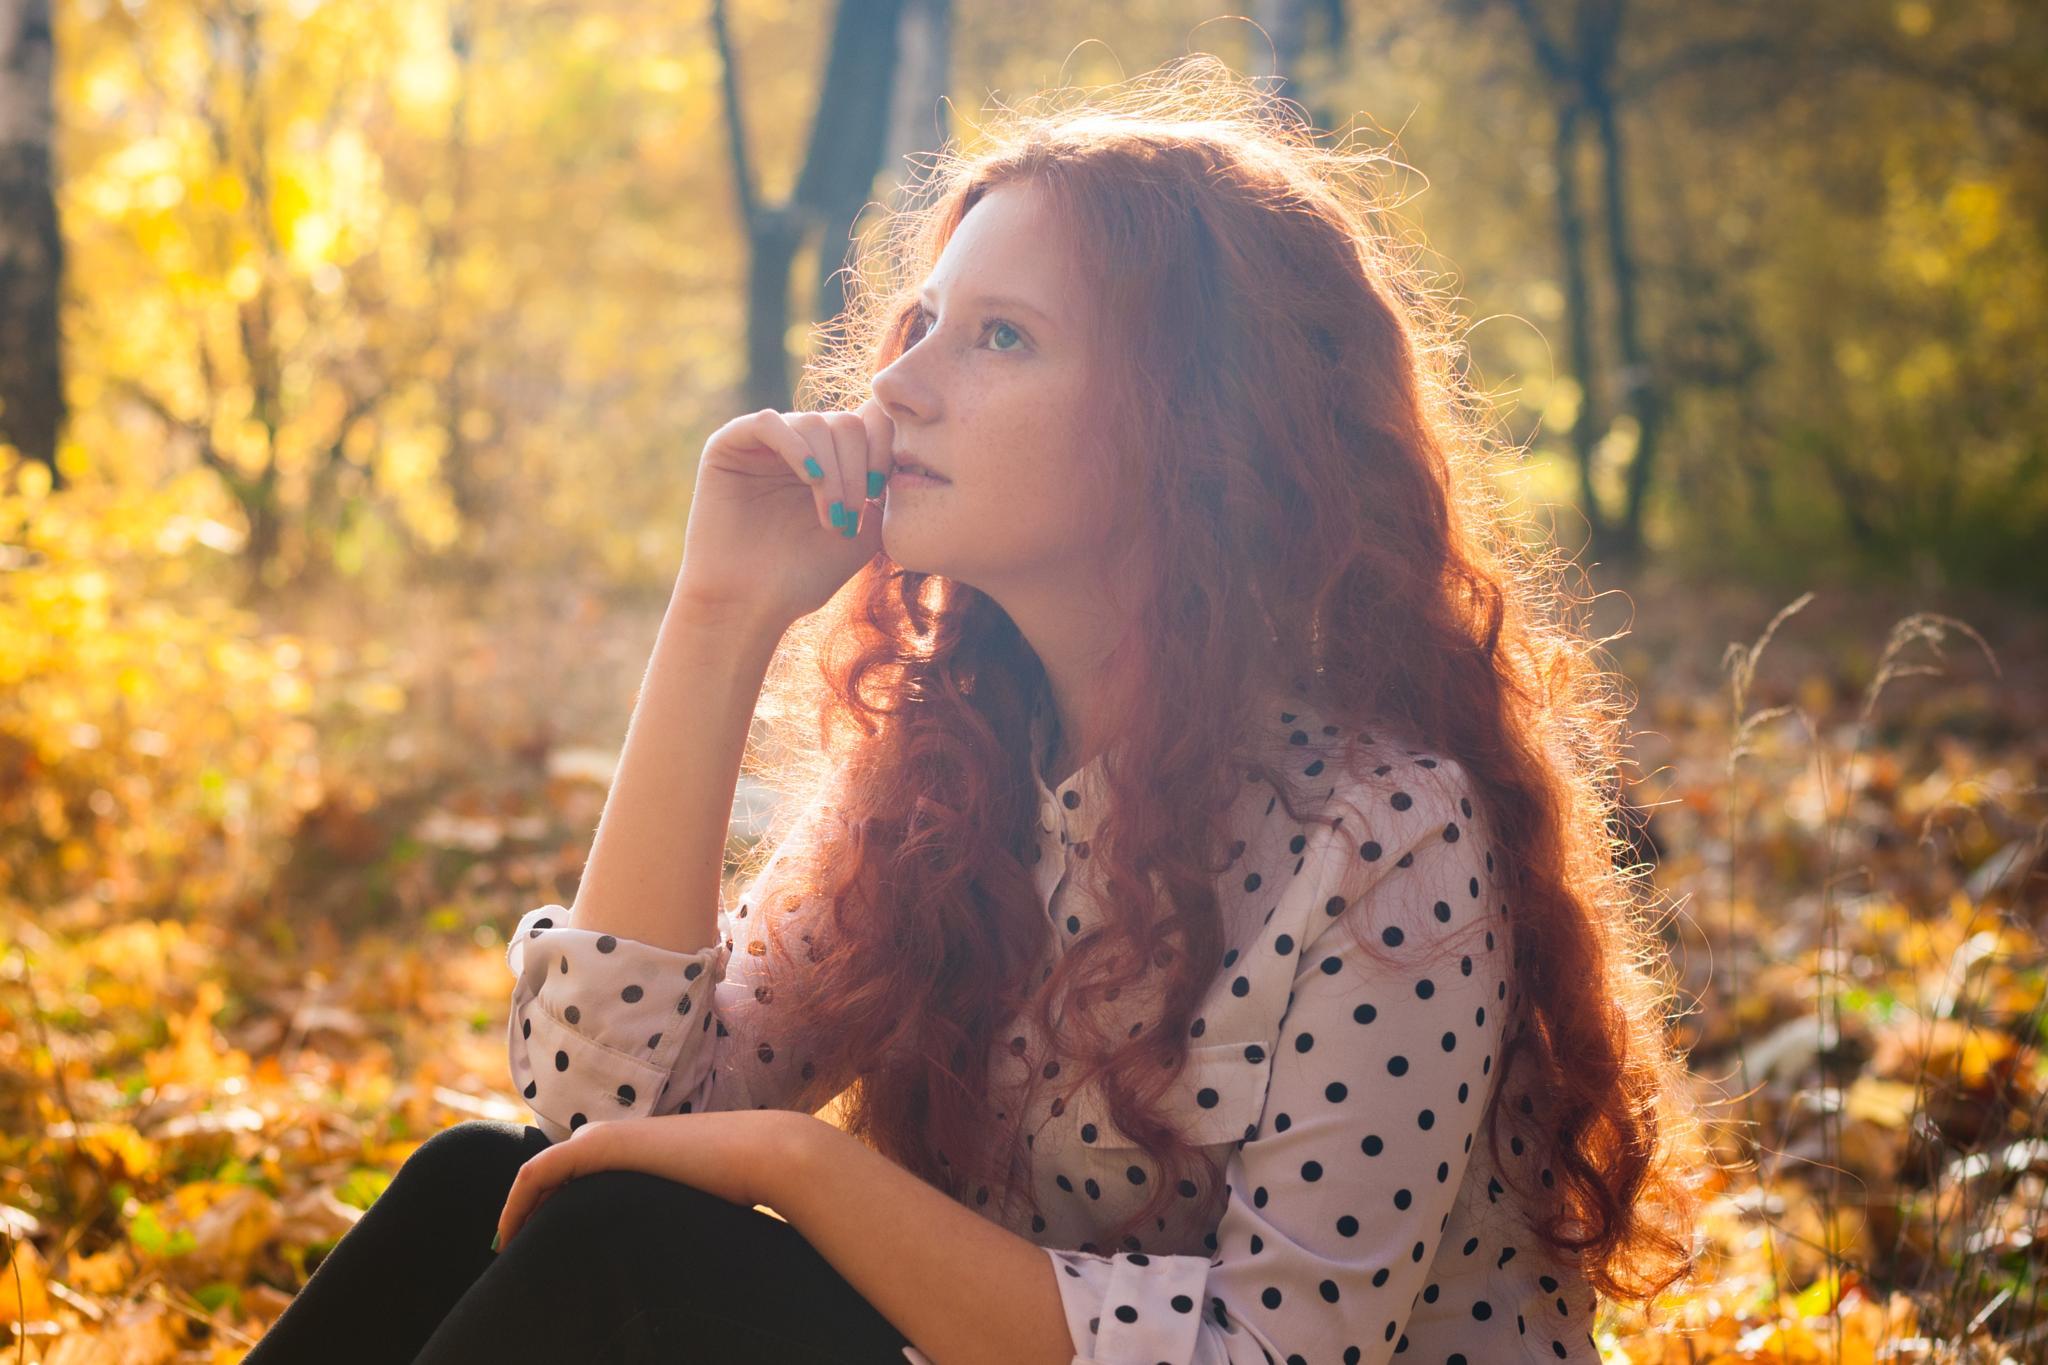 Untitled by Natali Novitskaya